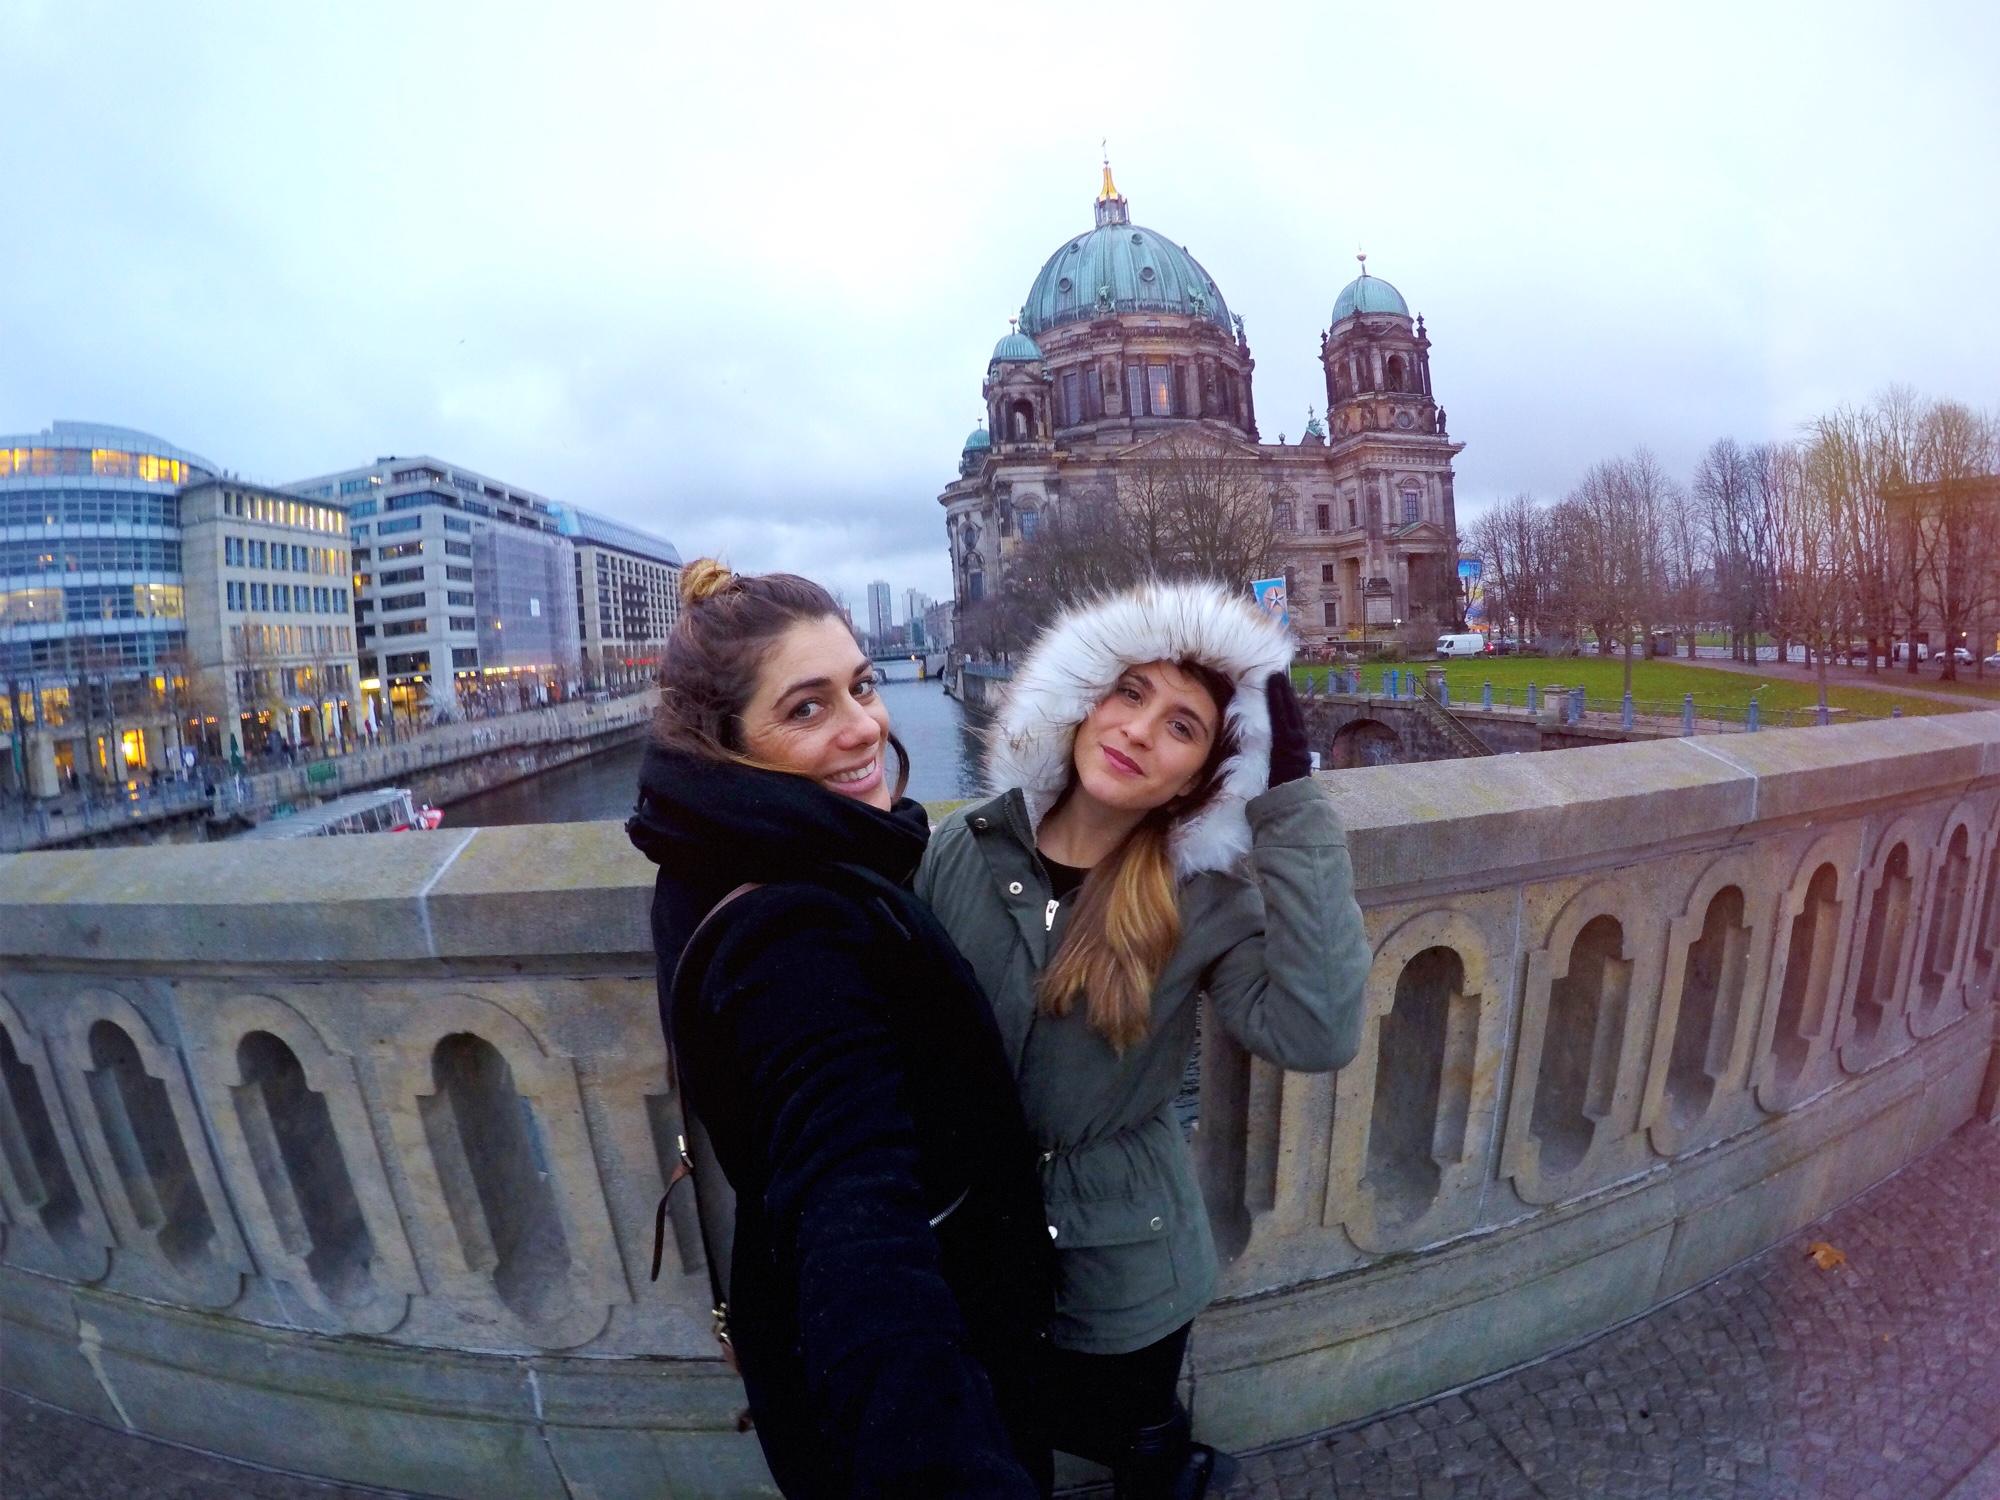 Passeio pela Ilha dos Museus e vista para a Catedral de Berlim